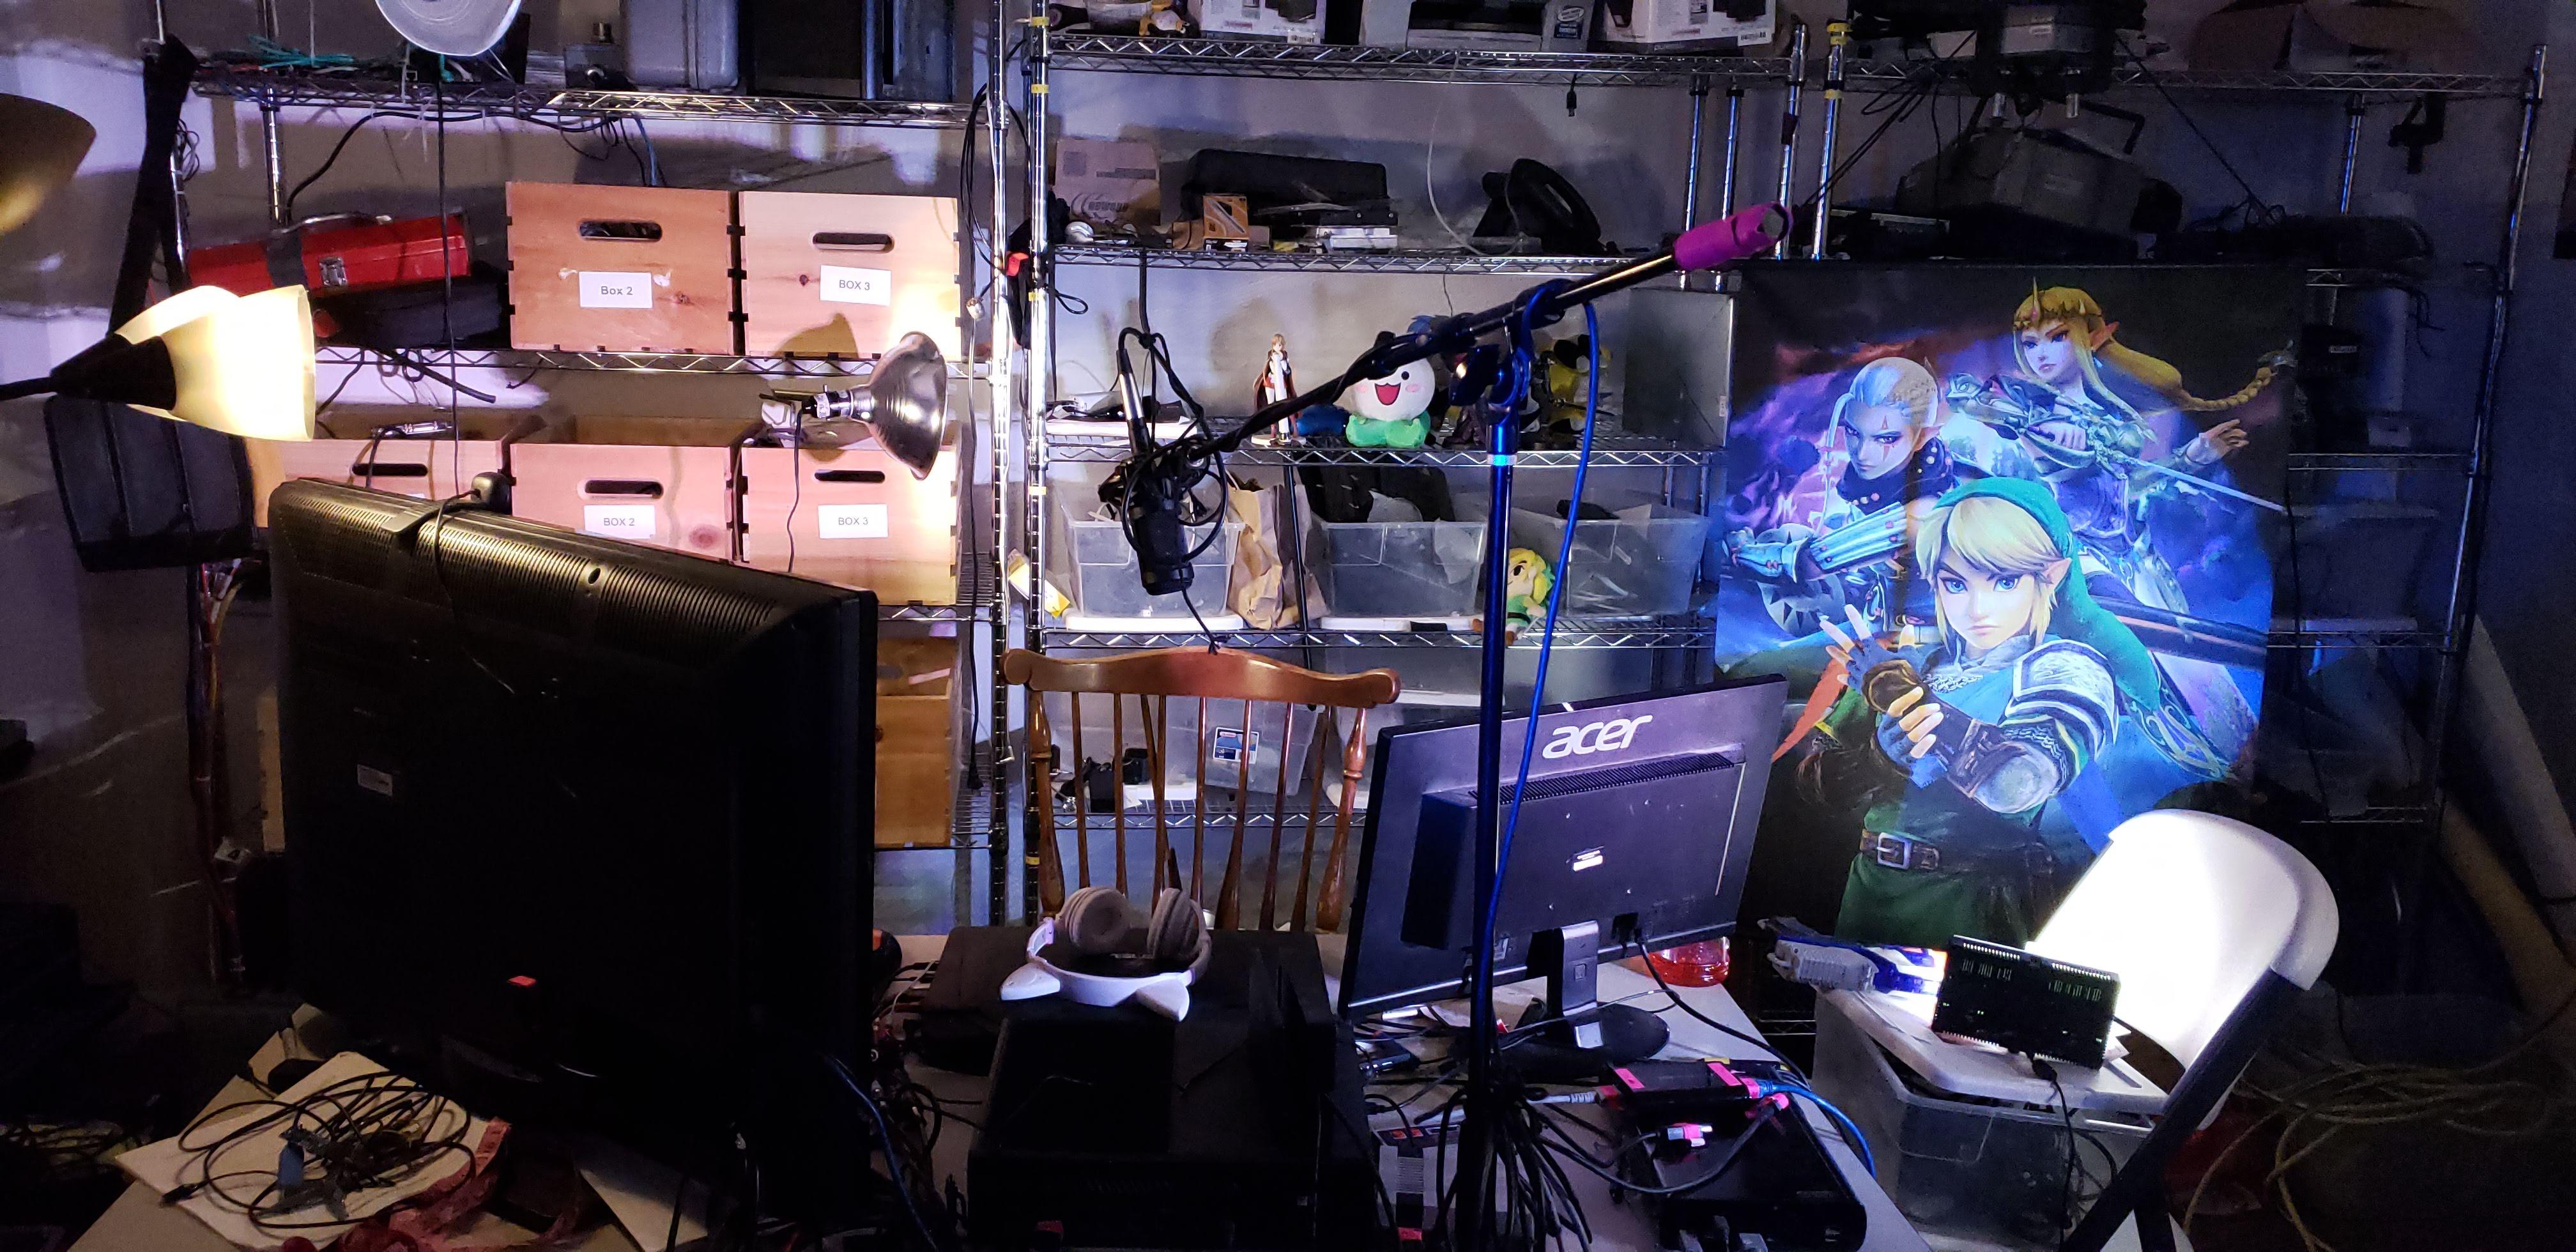 Lights, and a gaming setup